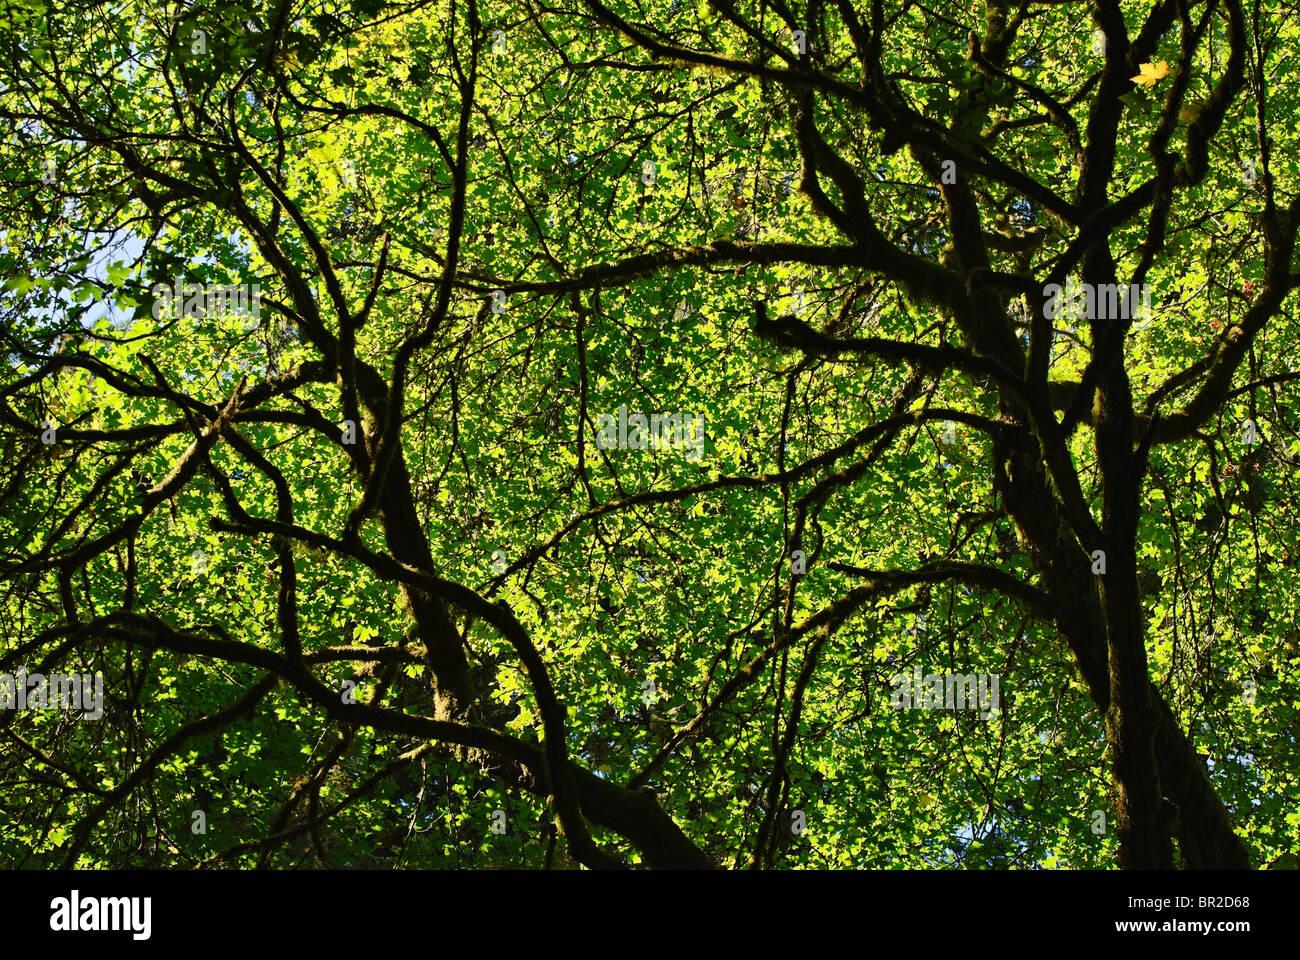 Beleuchtete Bäume mit Sonnenlicht in Kalifornien. Stockbild